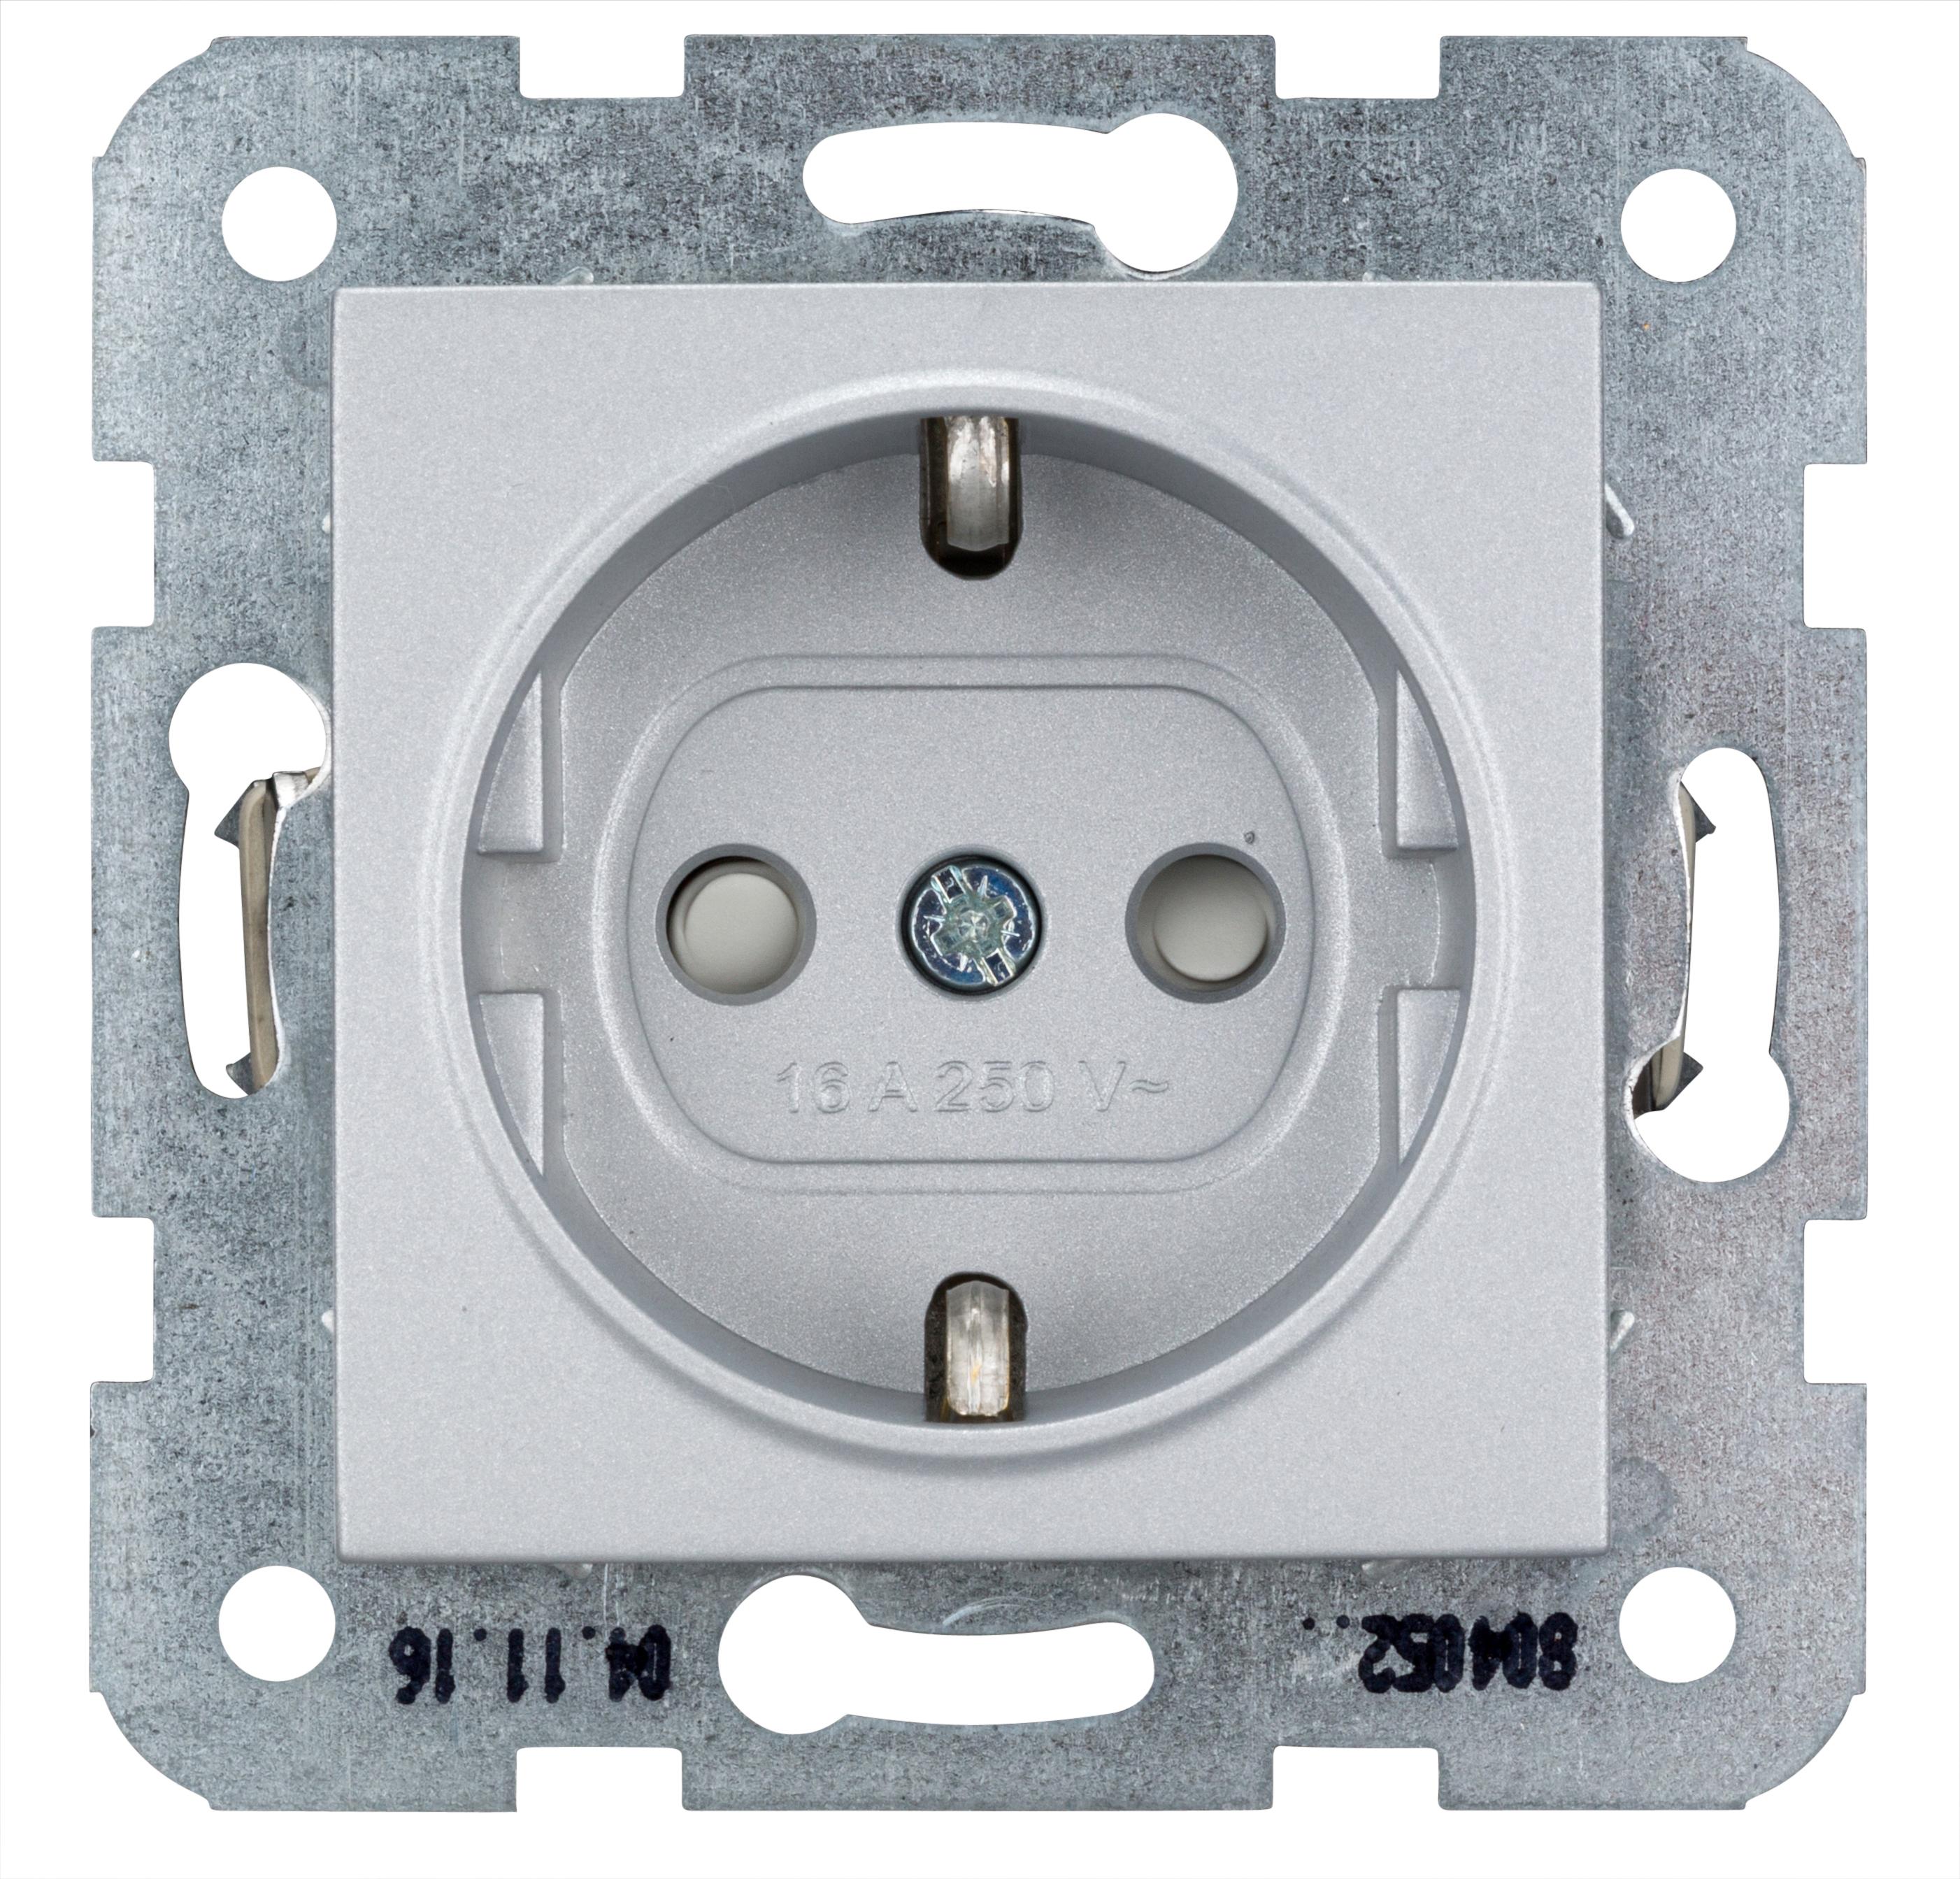 1 Stk Steckdose, erhöhter Berührungsschutz, Steckklemme, Silber EV121003--